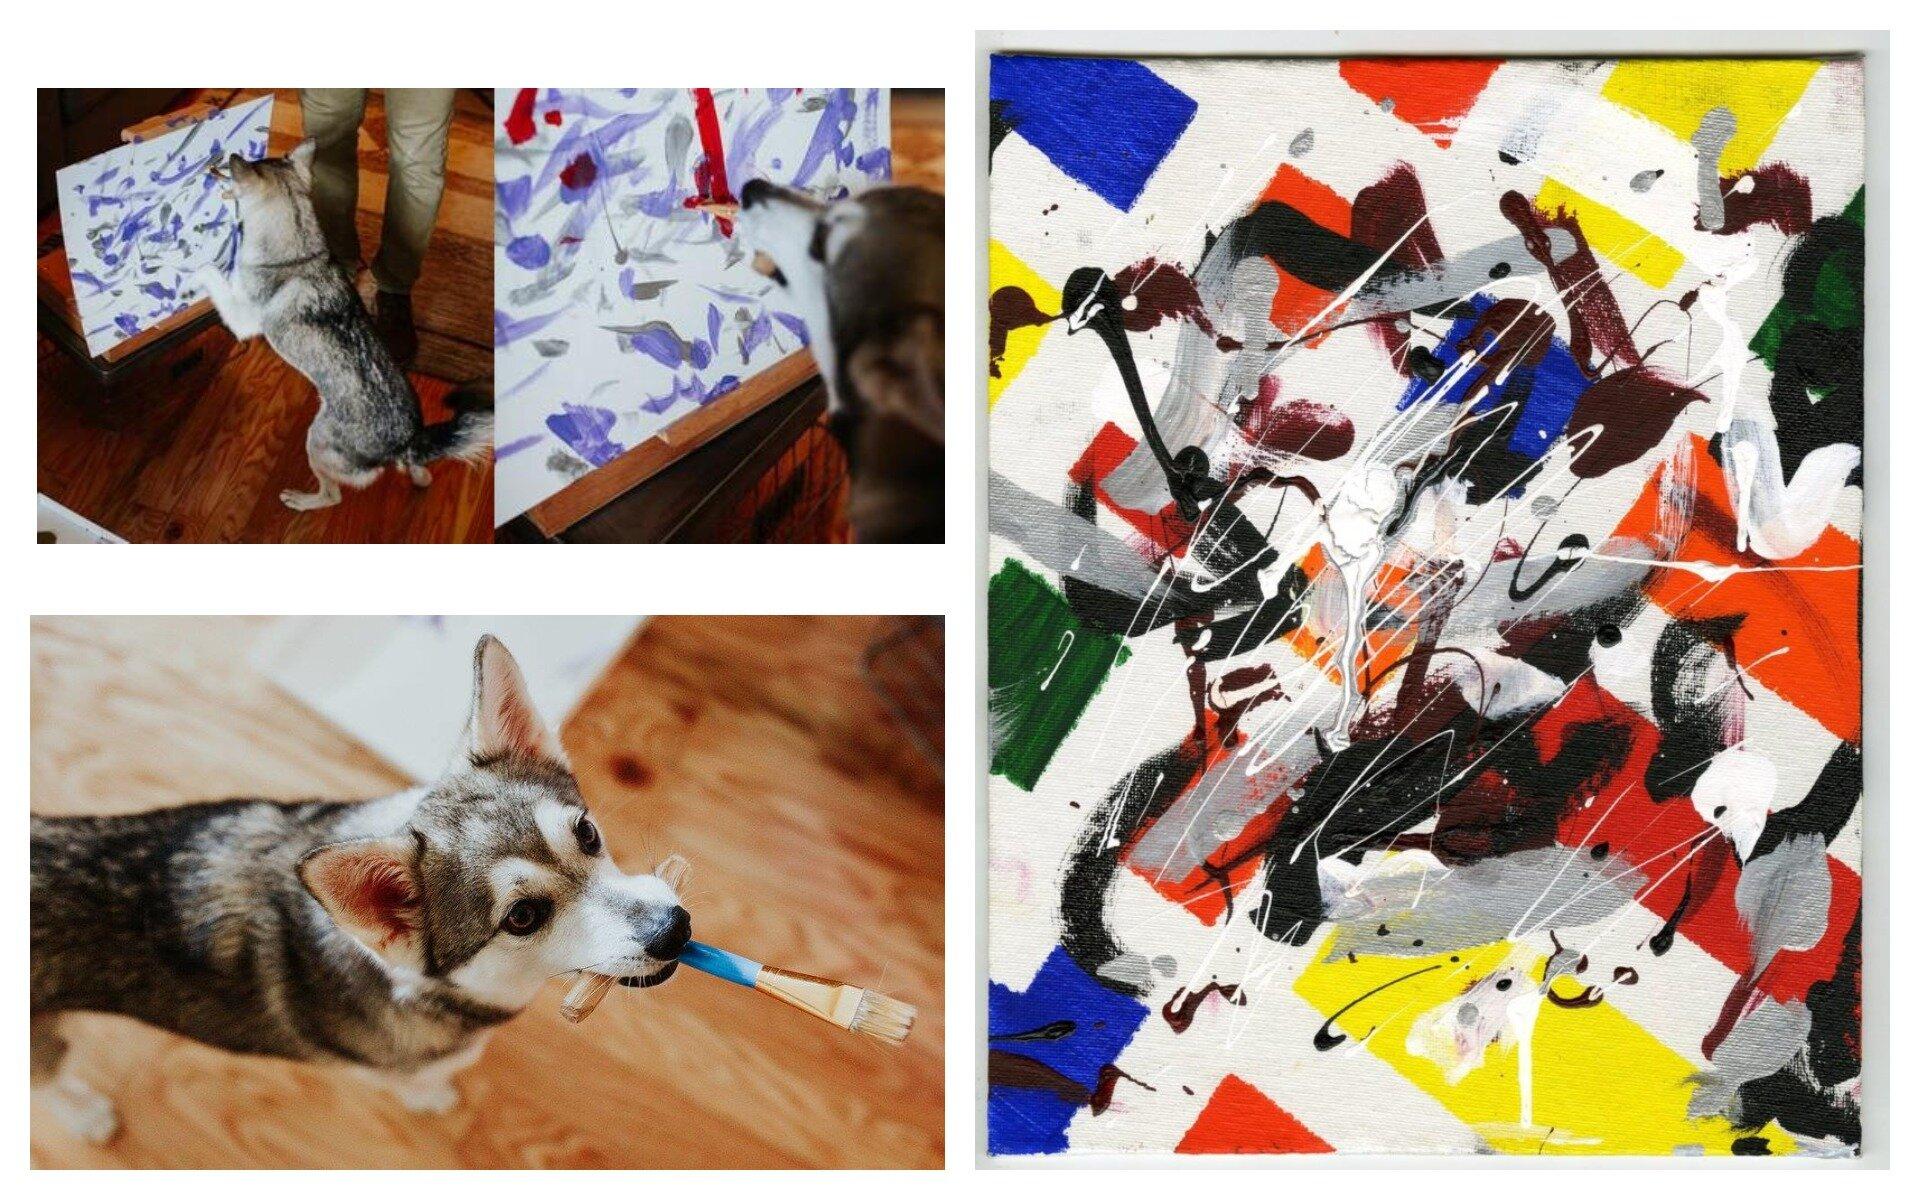 Американська галерея дарує марихуану за придбання картин собаки